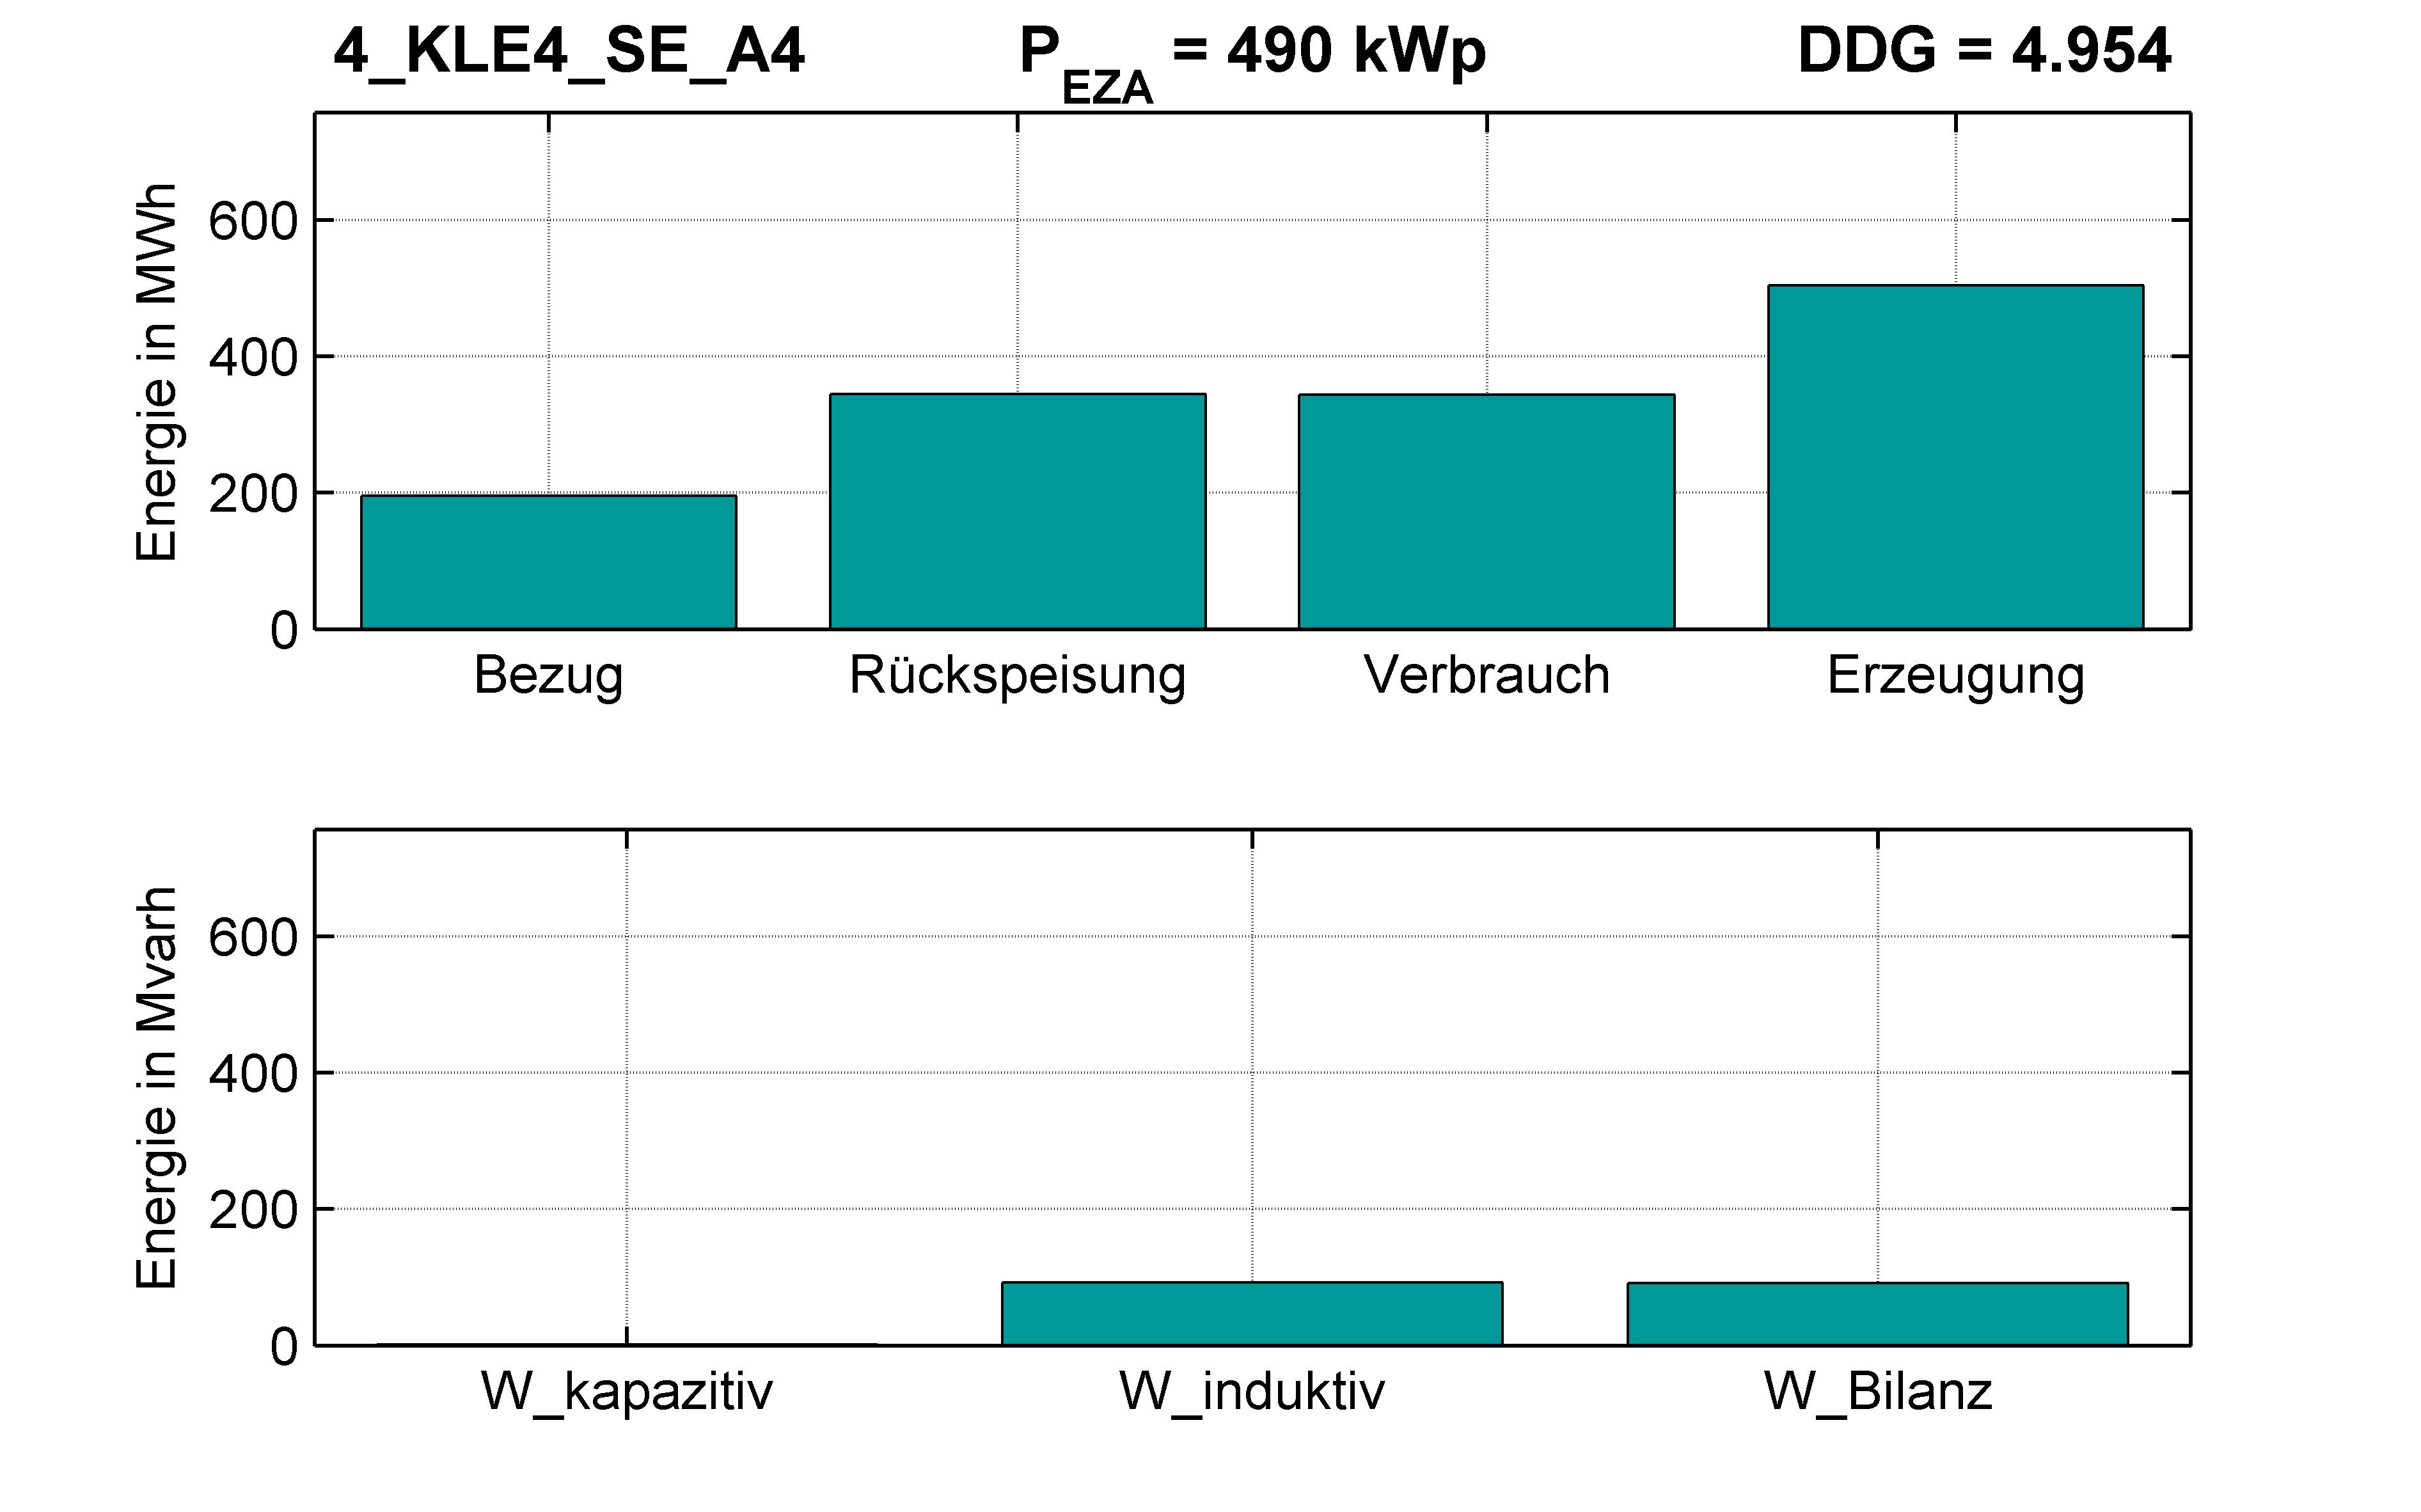 KLE4 | P-Kappung 55% (SE) A4 | PQ-Bilanz